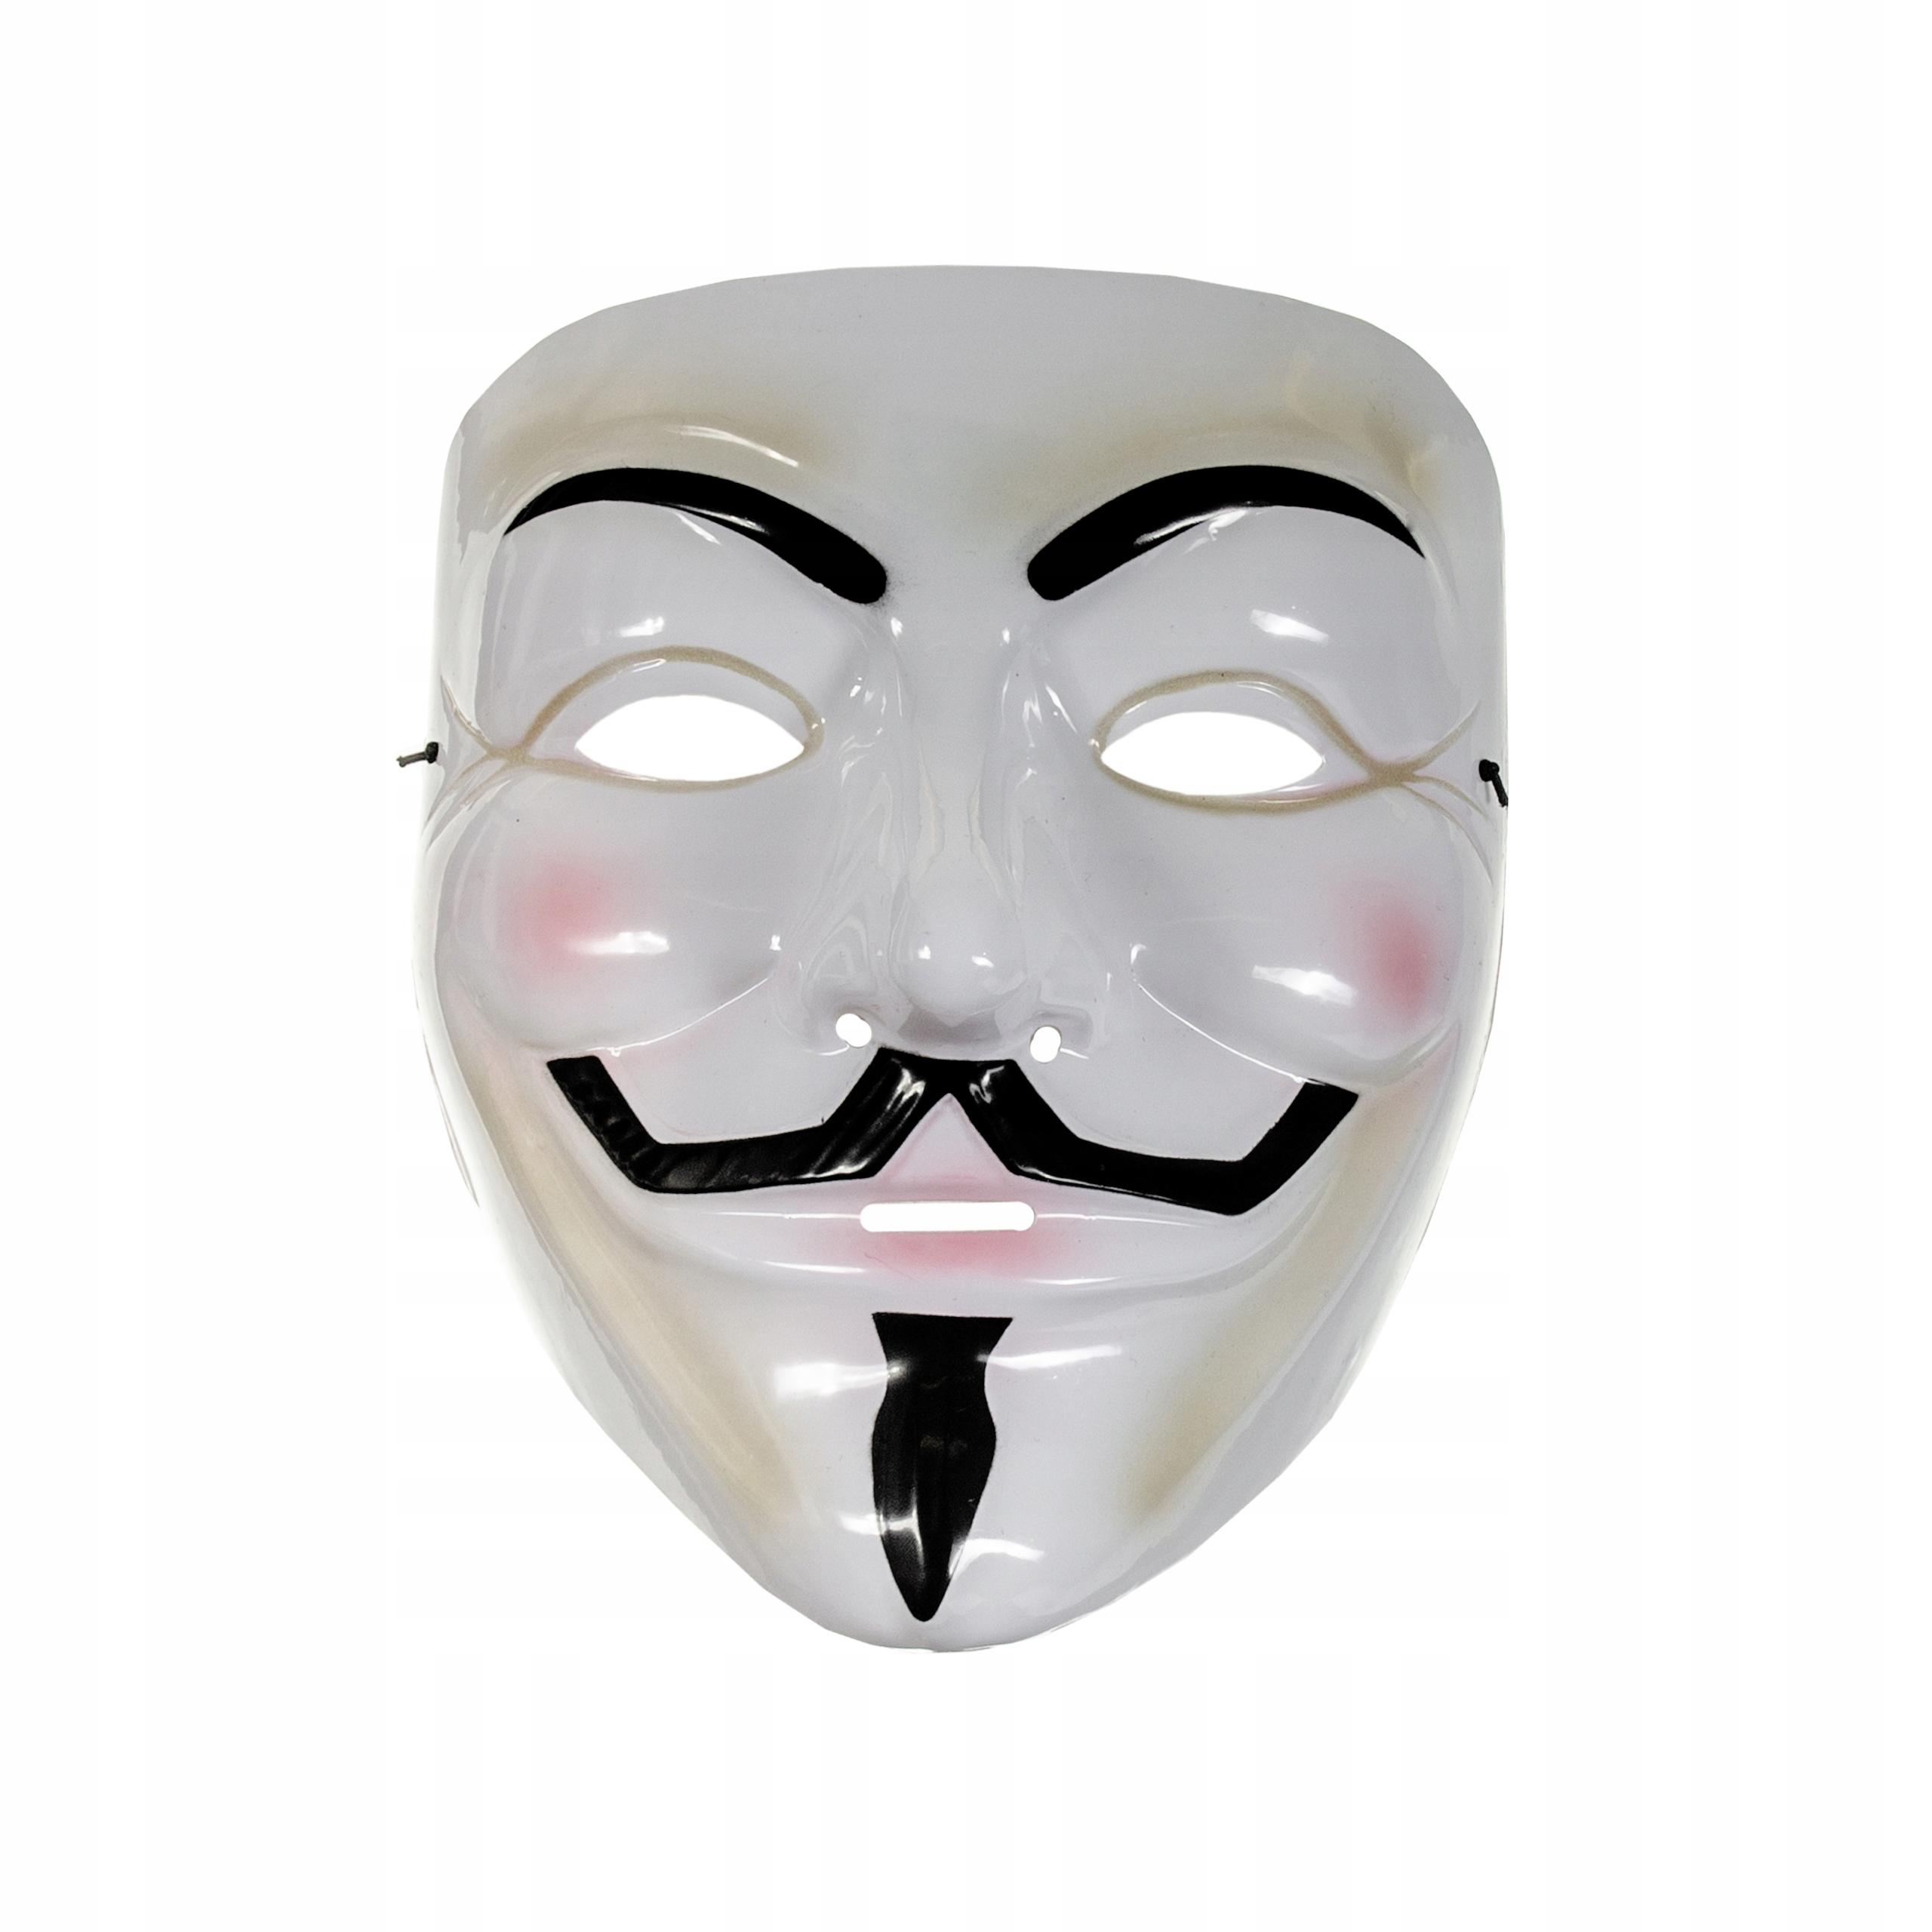 Maska Anonymous Guy Fawkes V For Vendetta Acta 5008767764 Allegro Pl